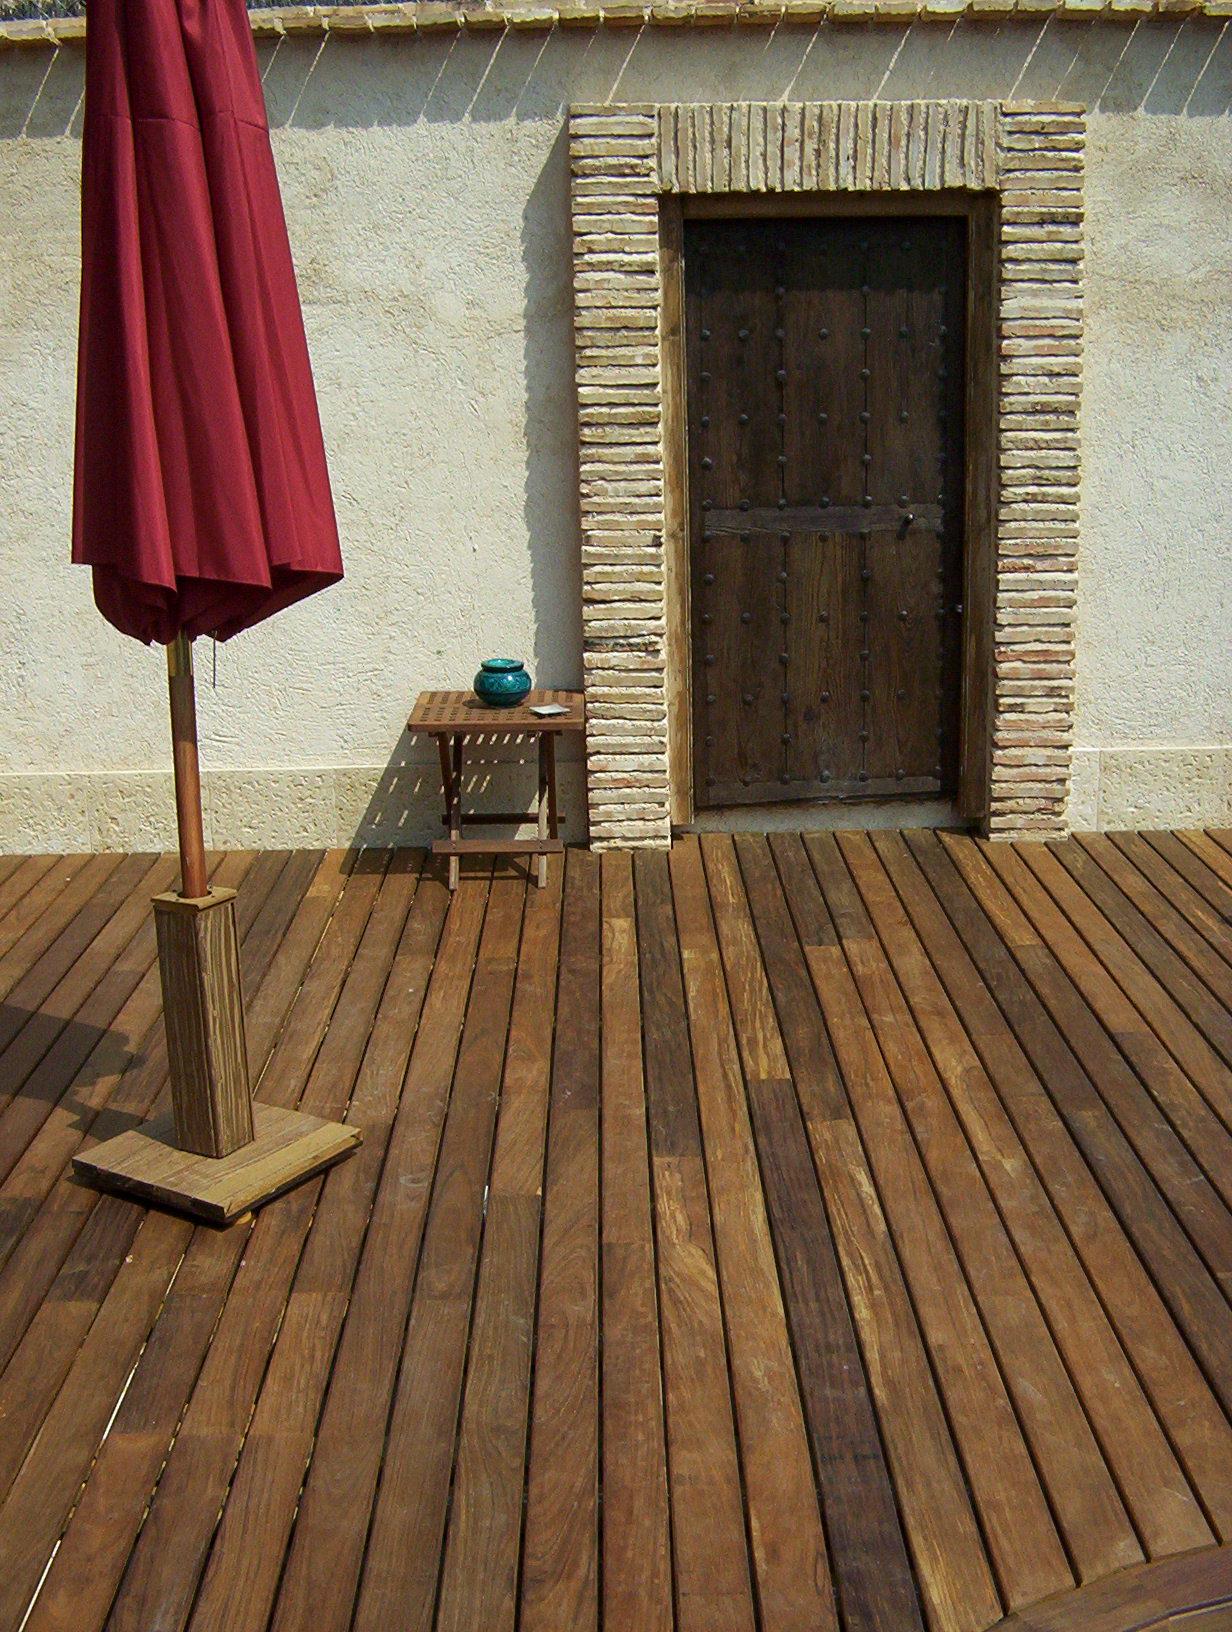 Piscina con spa y tarima de exterior maciza - Spa en alcobendas ...